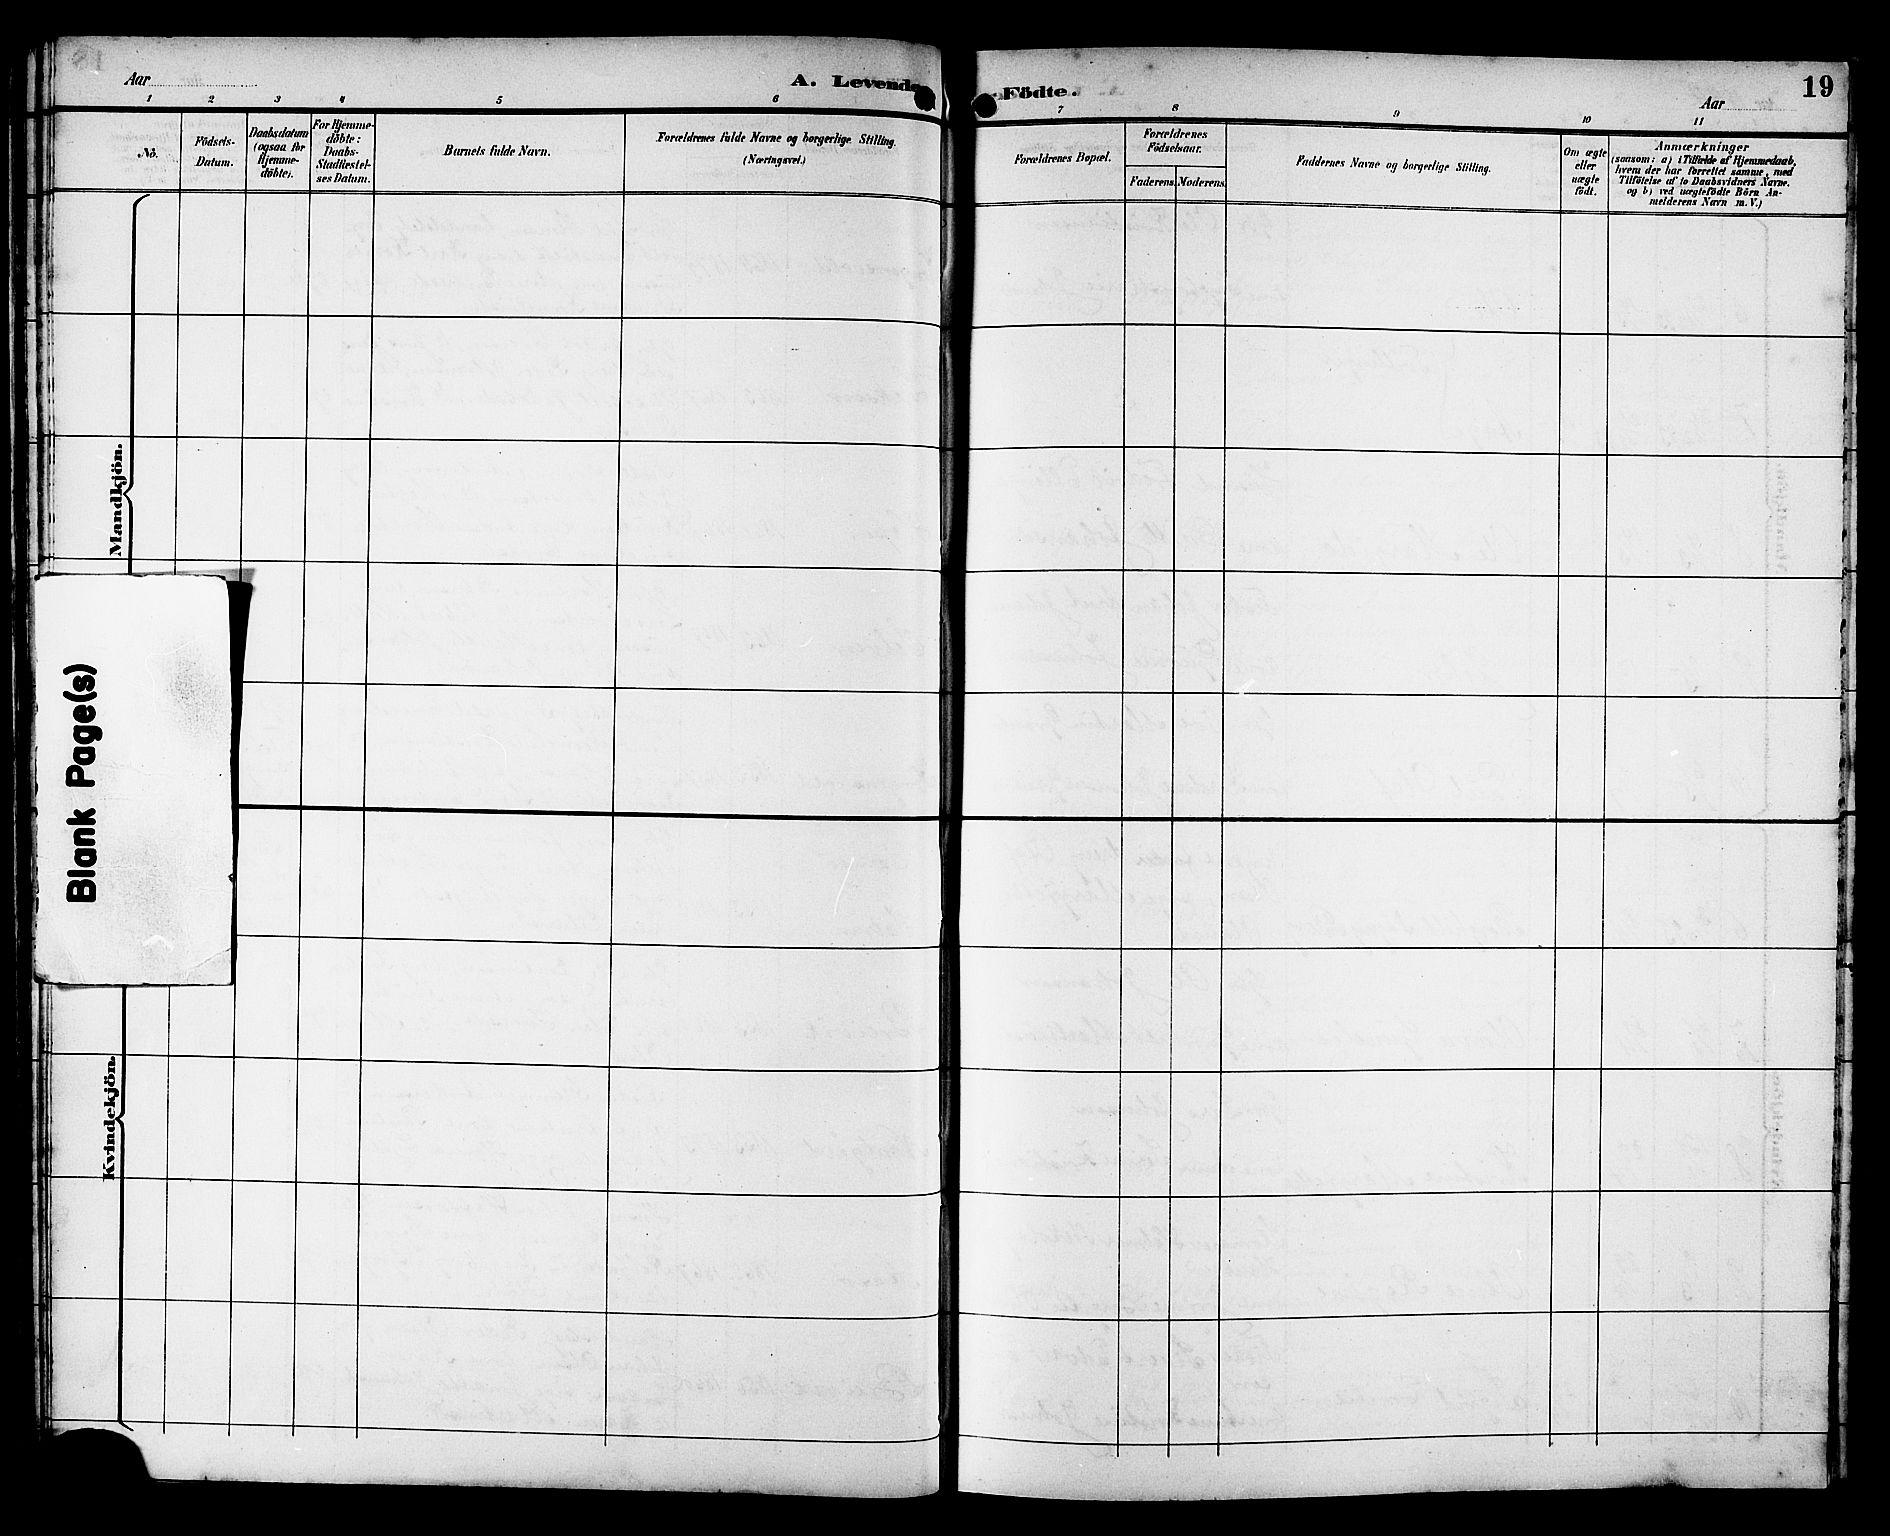 SAT, Ministerialprotokoller, klokkerbøker og fødselsregistre - Sør-Trøndelag, 662/L0757: Klokkerbok nr. 662C02, 1892-1918, s. 19